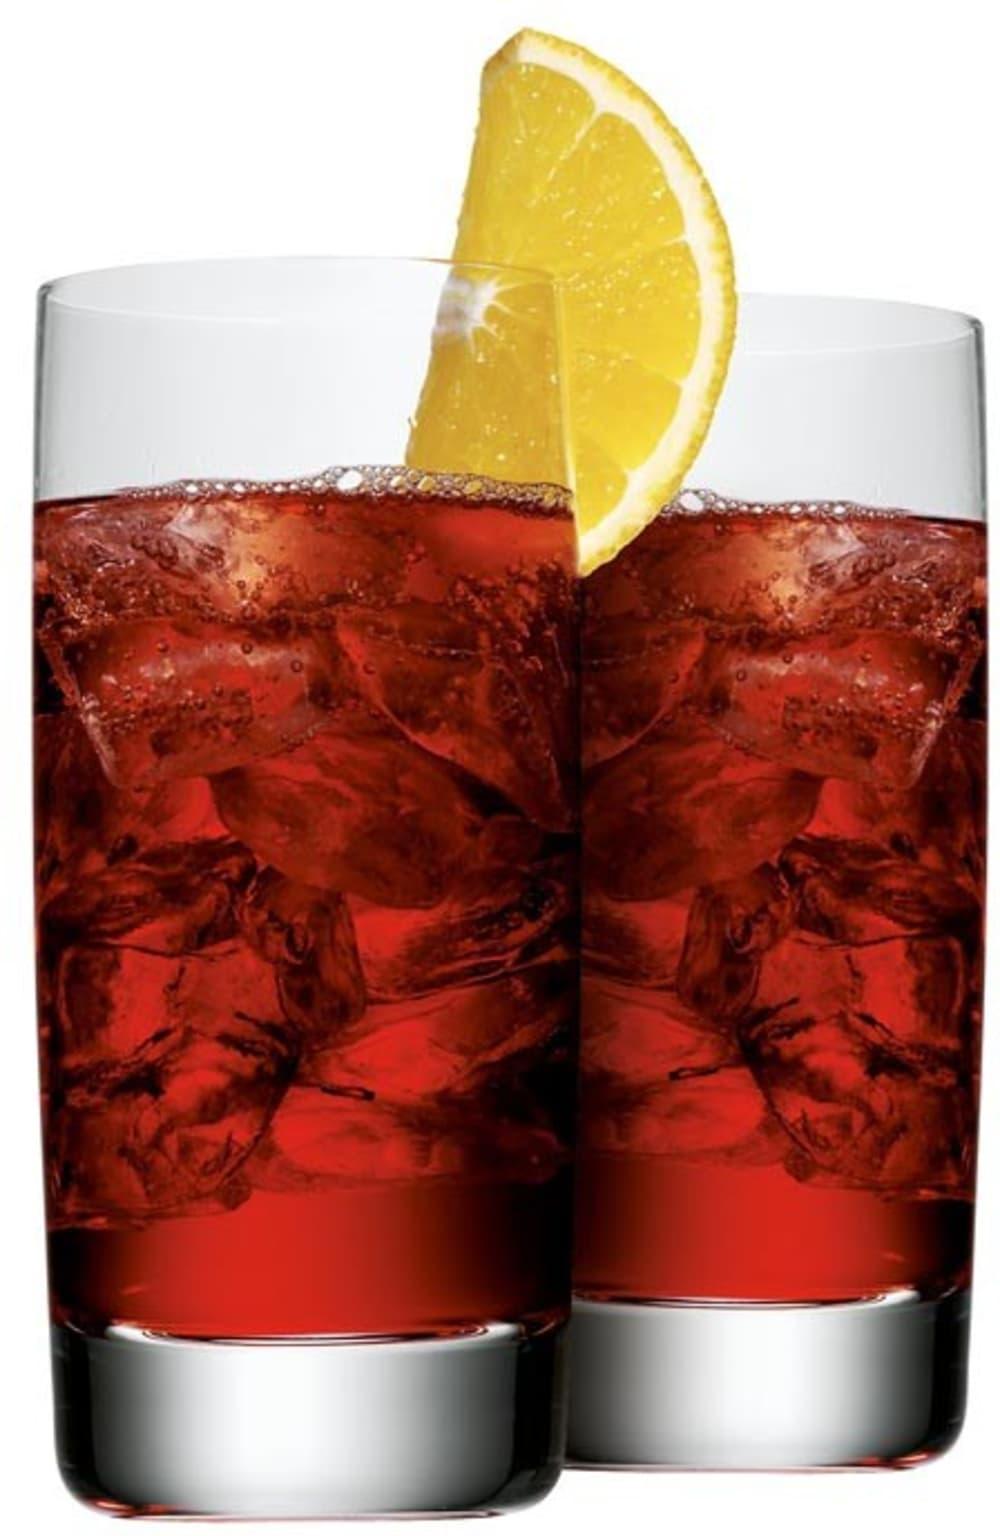 WMF- Zestaw 2 wysokich szklanek do soków/piwa 0,3l